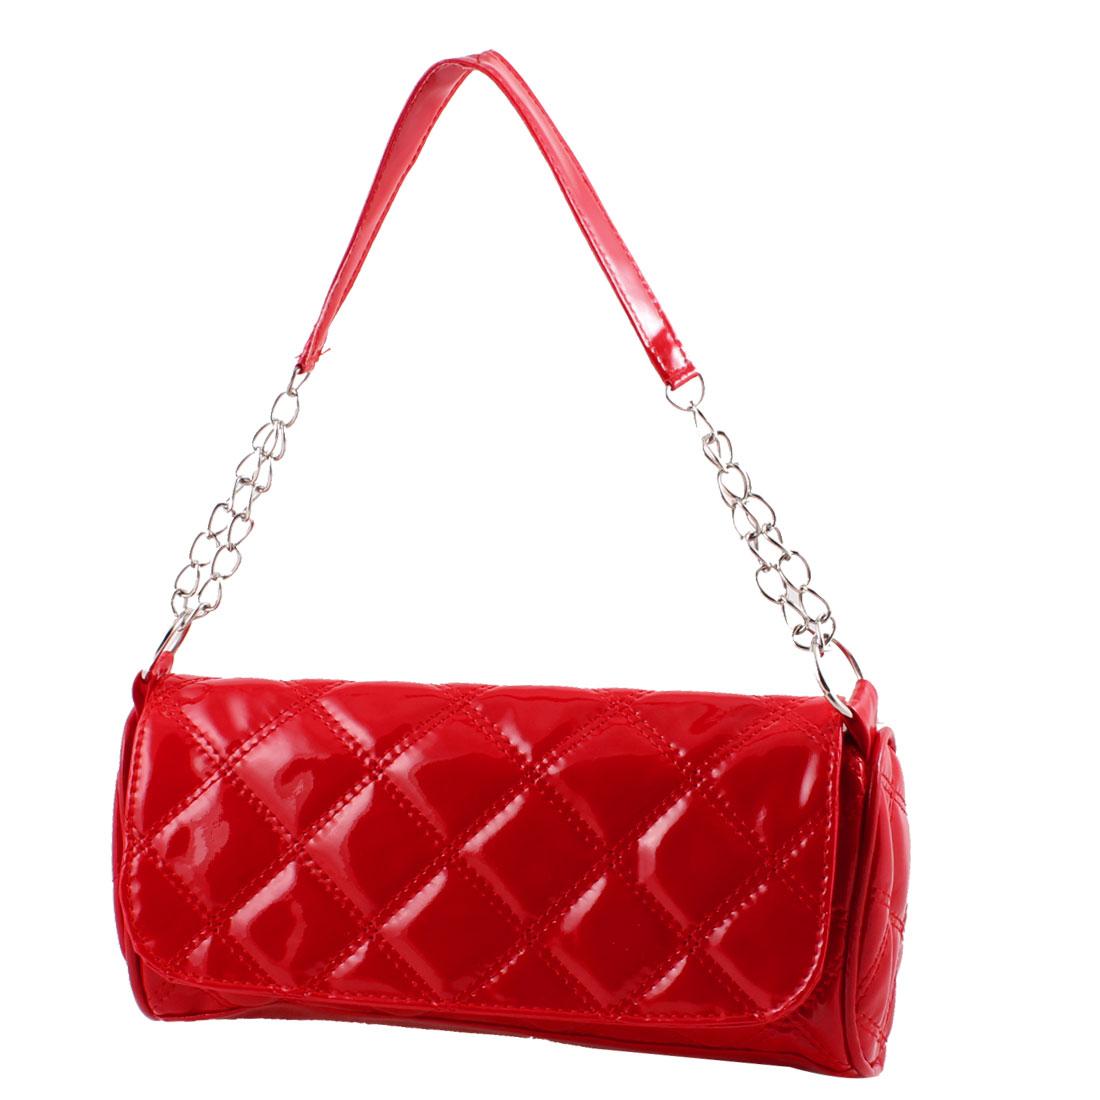 Lozenge Pattern Patent Faux Leather Shoulder Bag Handbag Red for Women